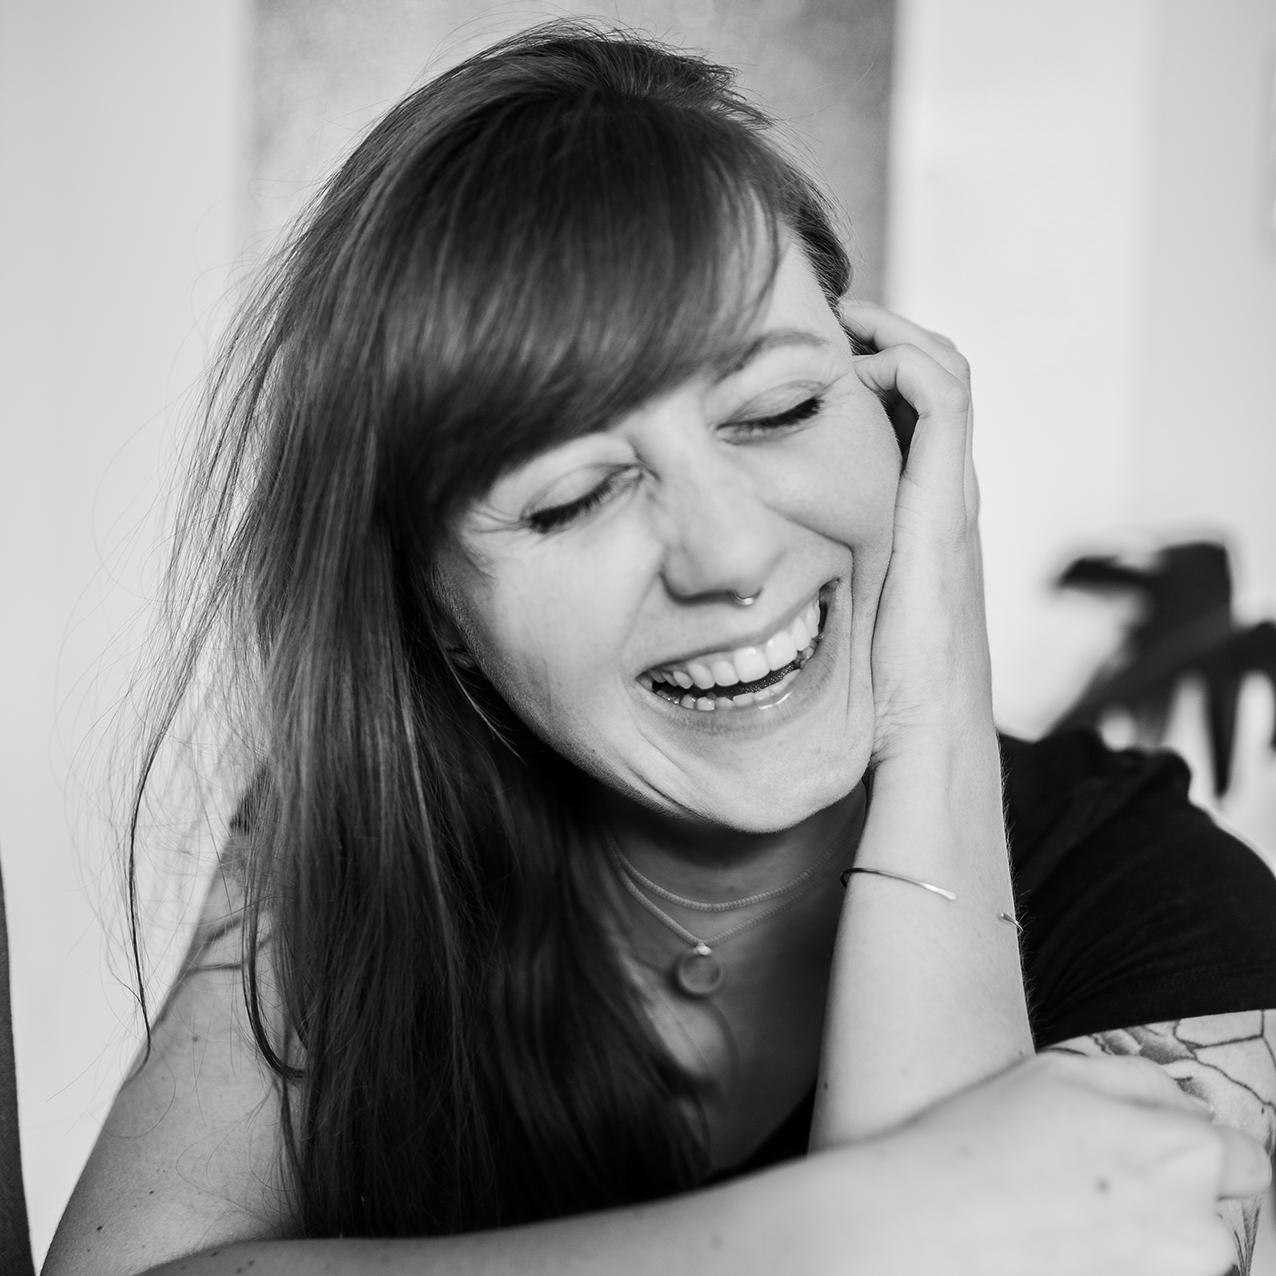 Ein Portrait der Boudoir Fotografin in schwarz-weiß